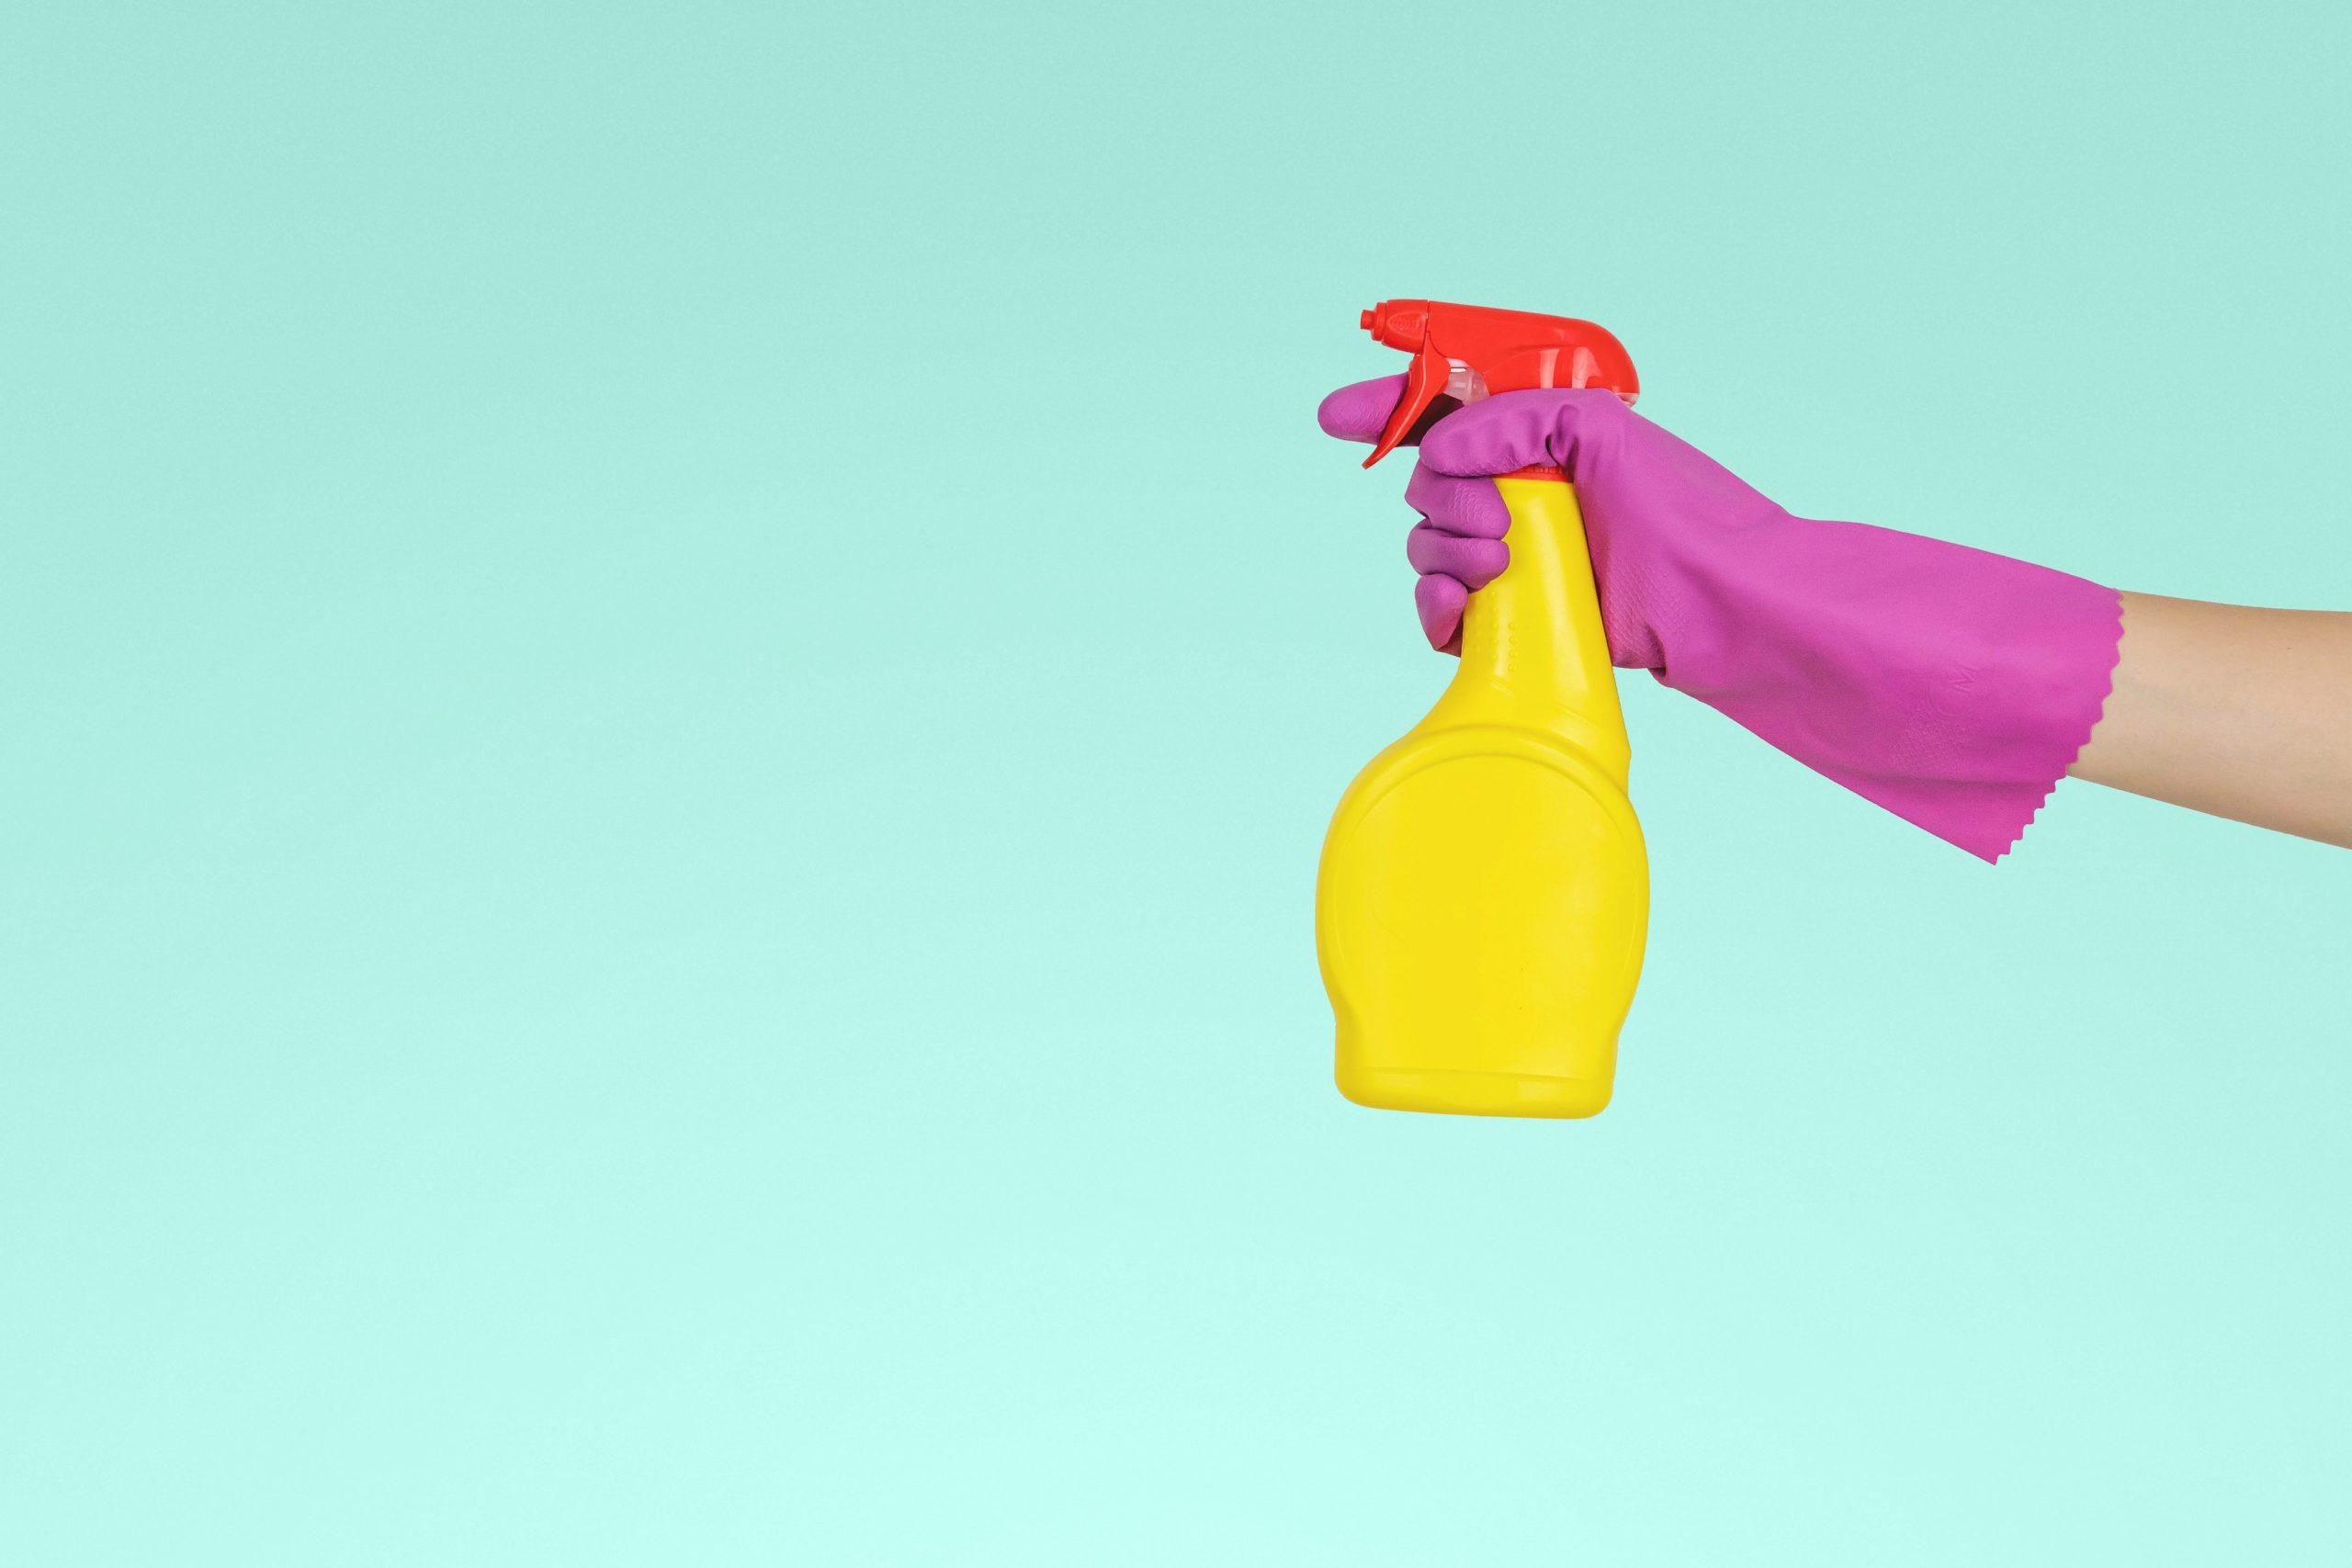 fairly prendre soin propreté nettoyage